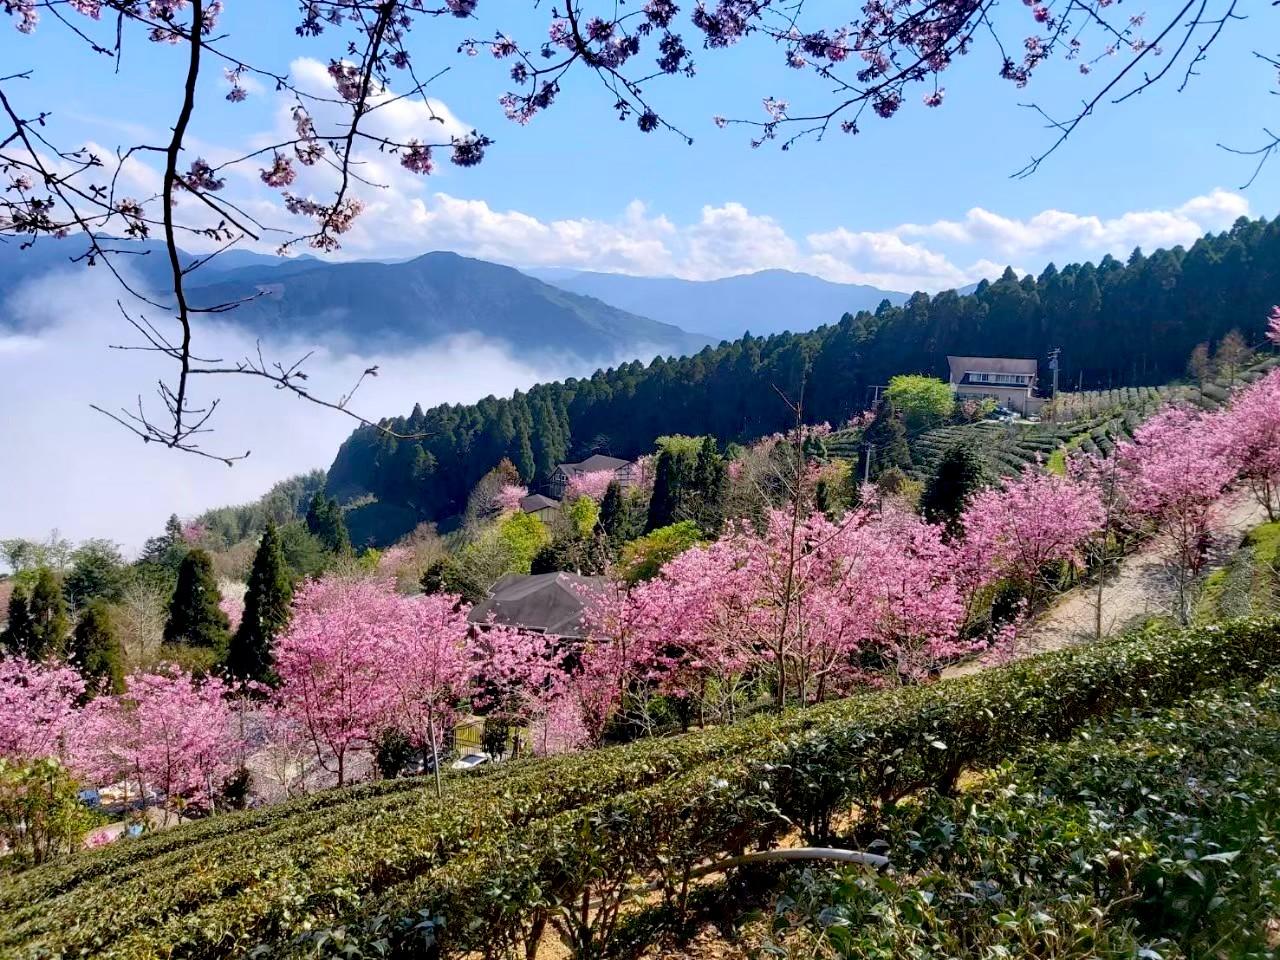 台北出發 新竹山上人家歐風假期一日遊